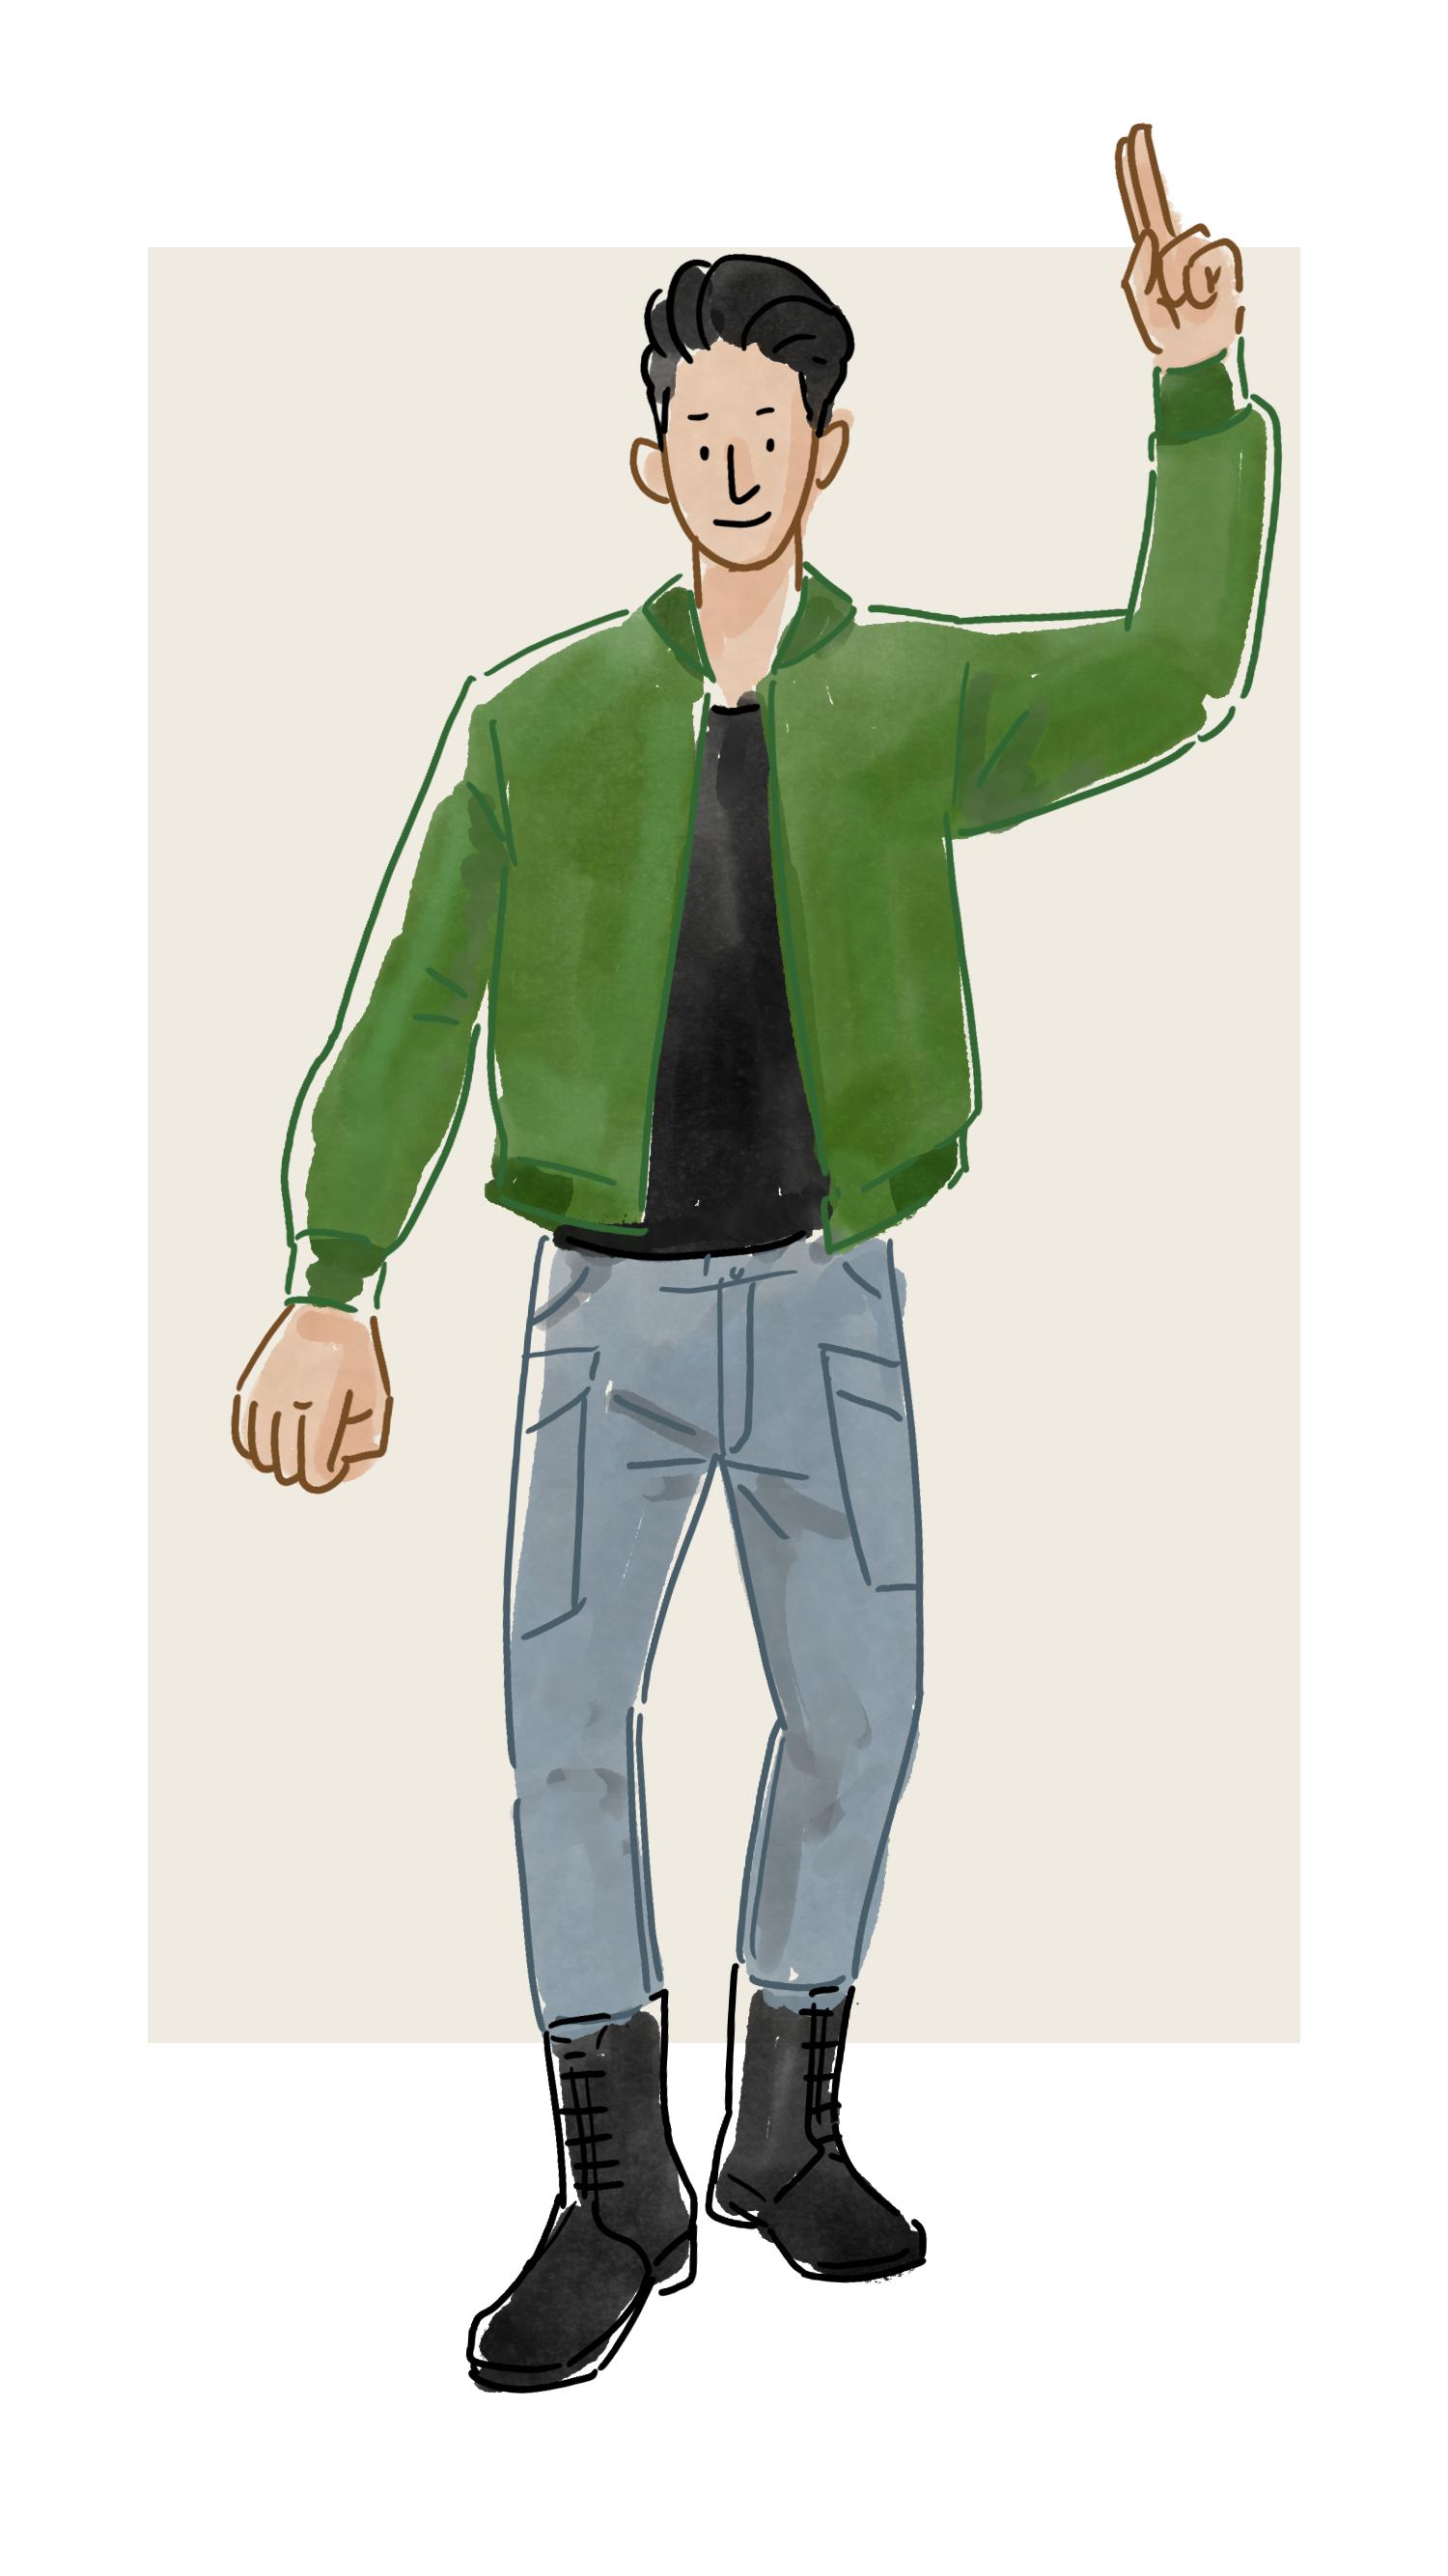 每日穿搭|有比羽绒款飞行员夹克更酷的冬季外套么?